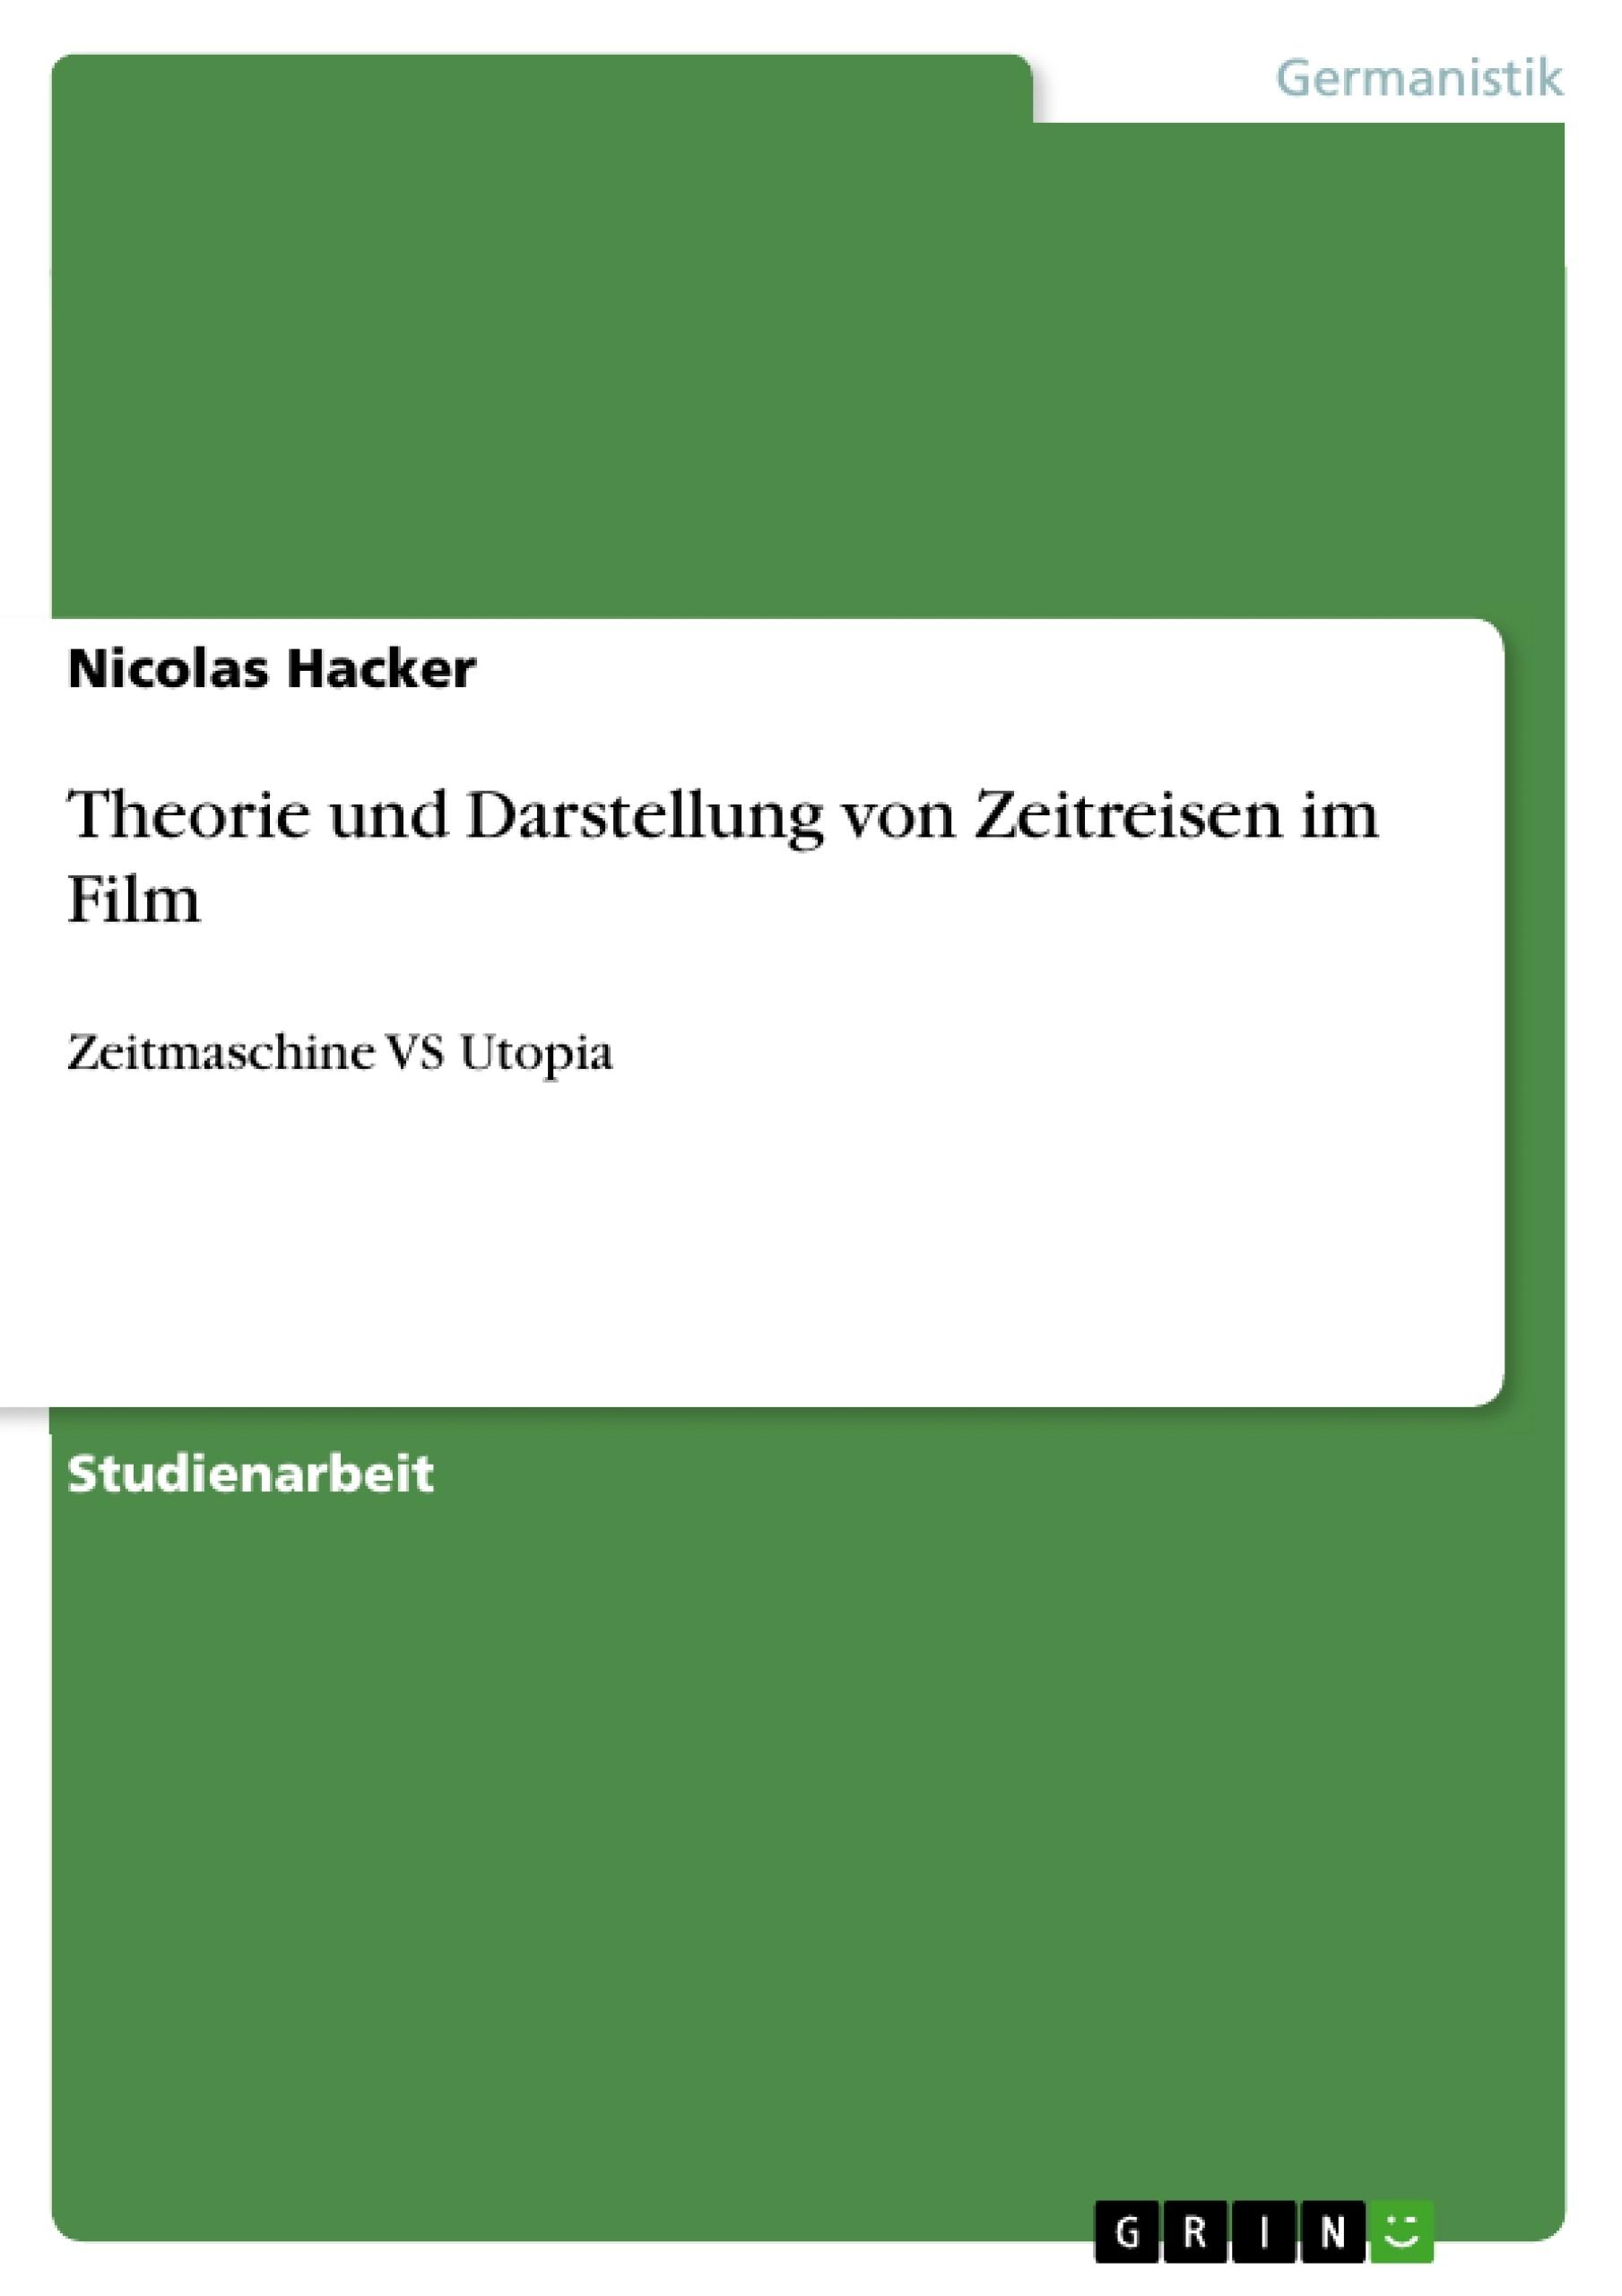 Titel: Theorie und Darstellung von Zeitreisen im Film